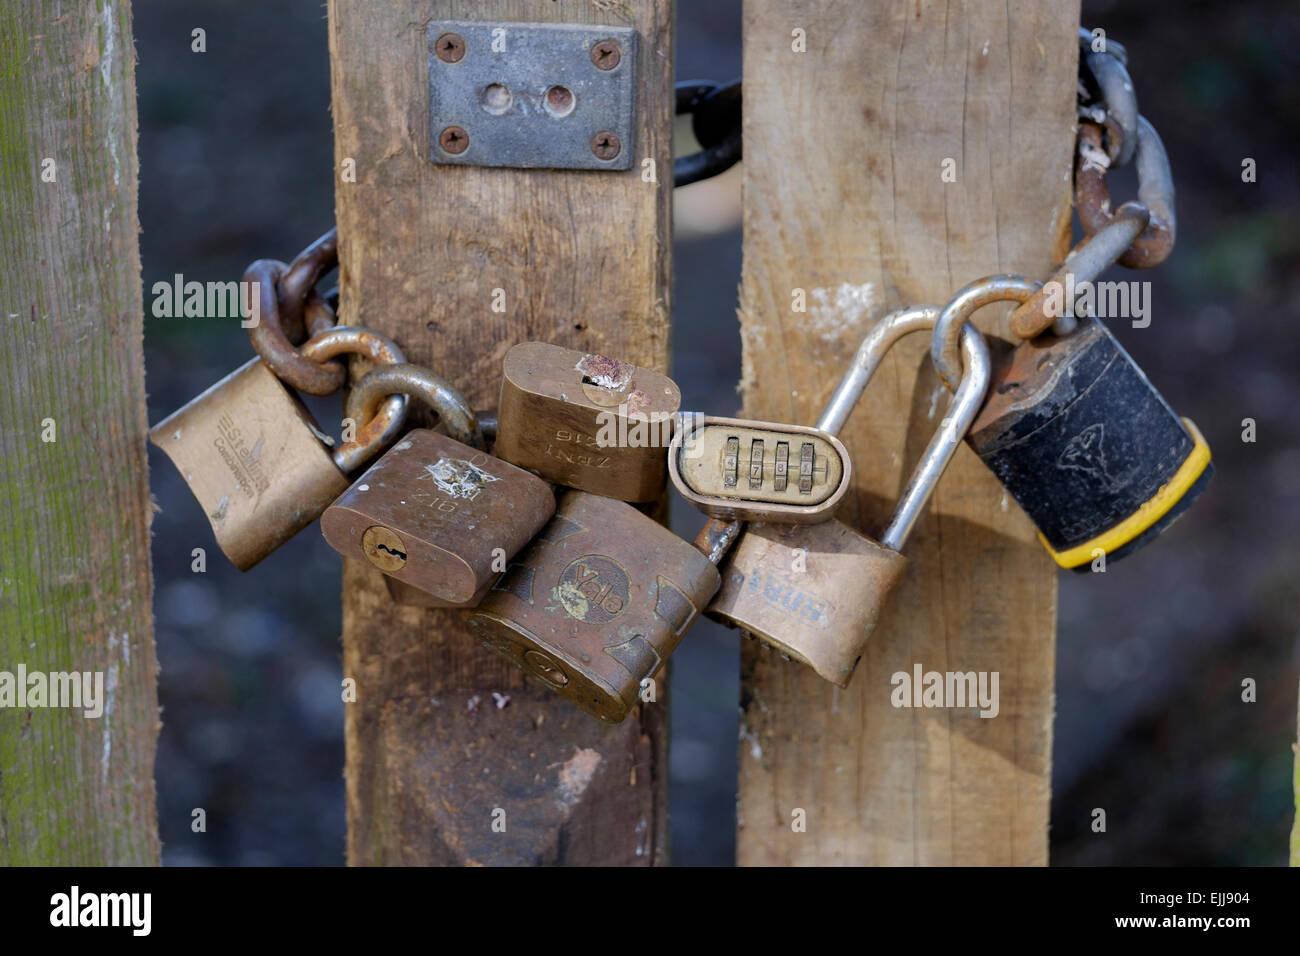 Siete candados y cadenas utilizadas para asegurar puertas de madera Foto de stock